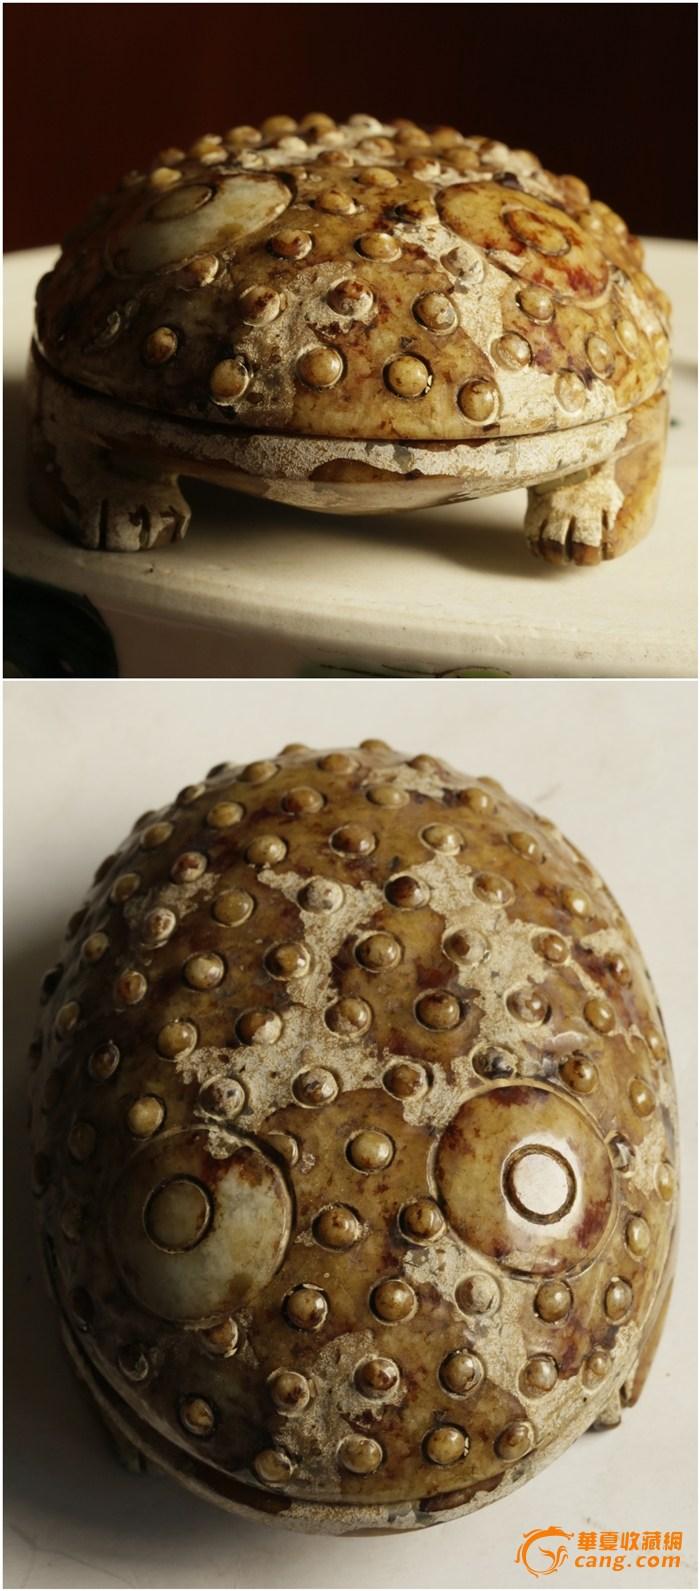 旺财风水用品 和田白玉籽料满沁 盖盒玉蟾,战汉*古玉图2